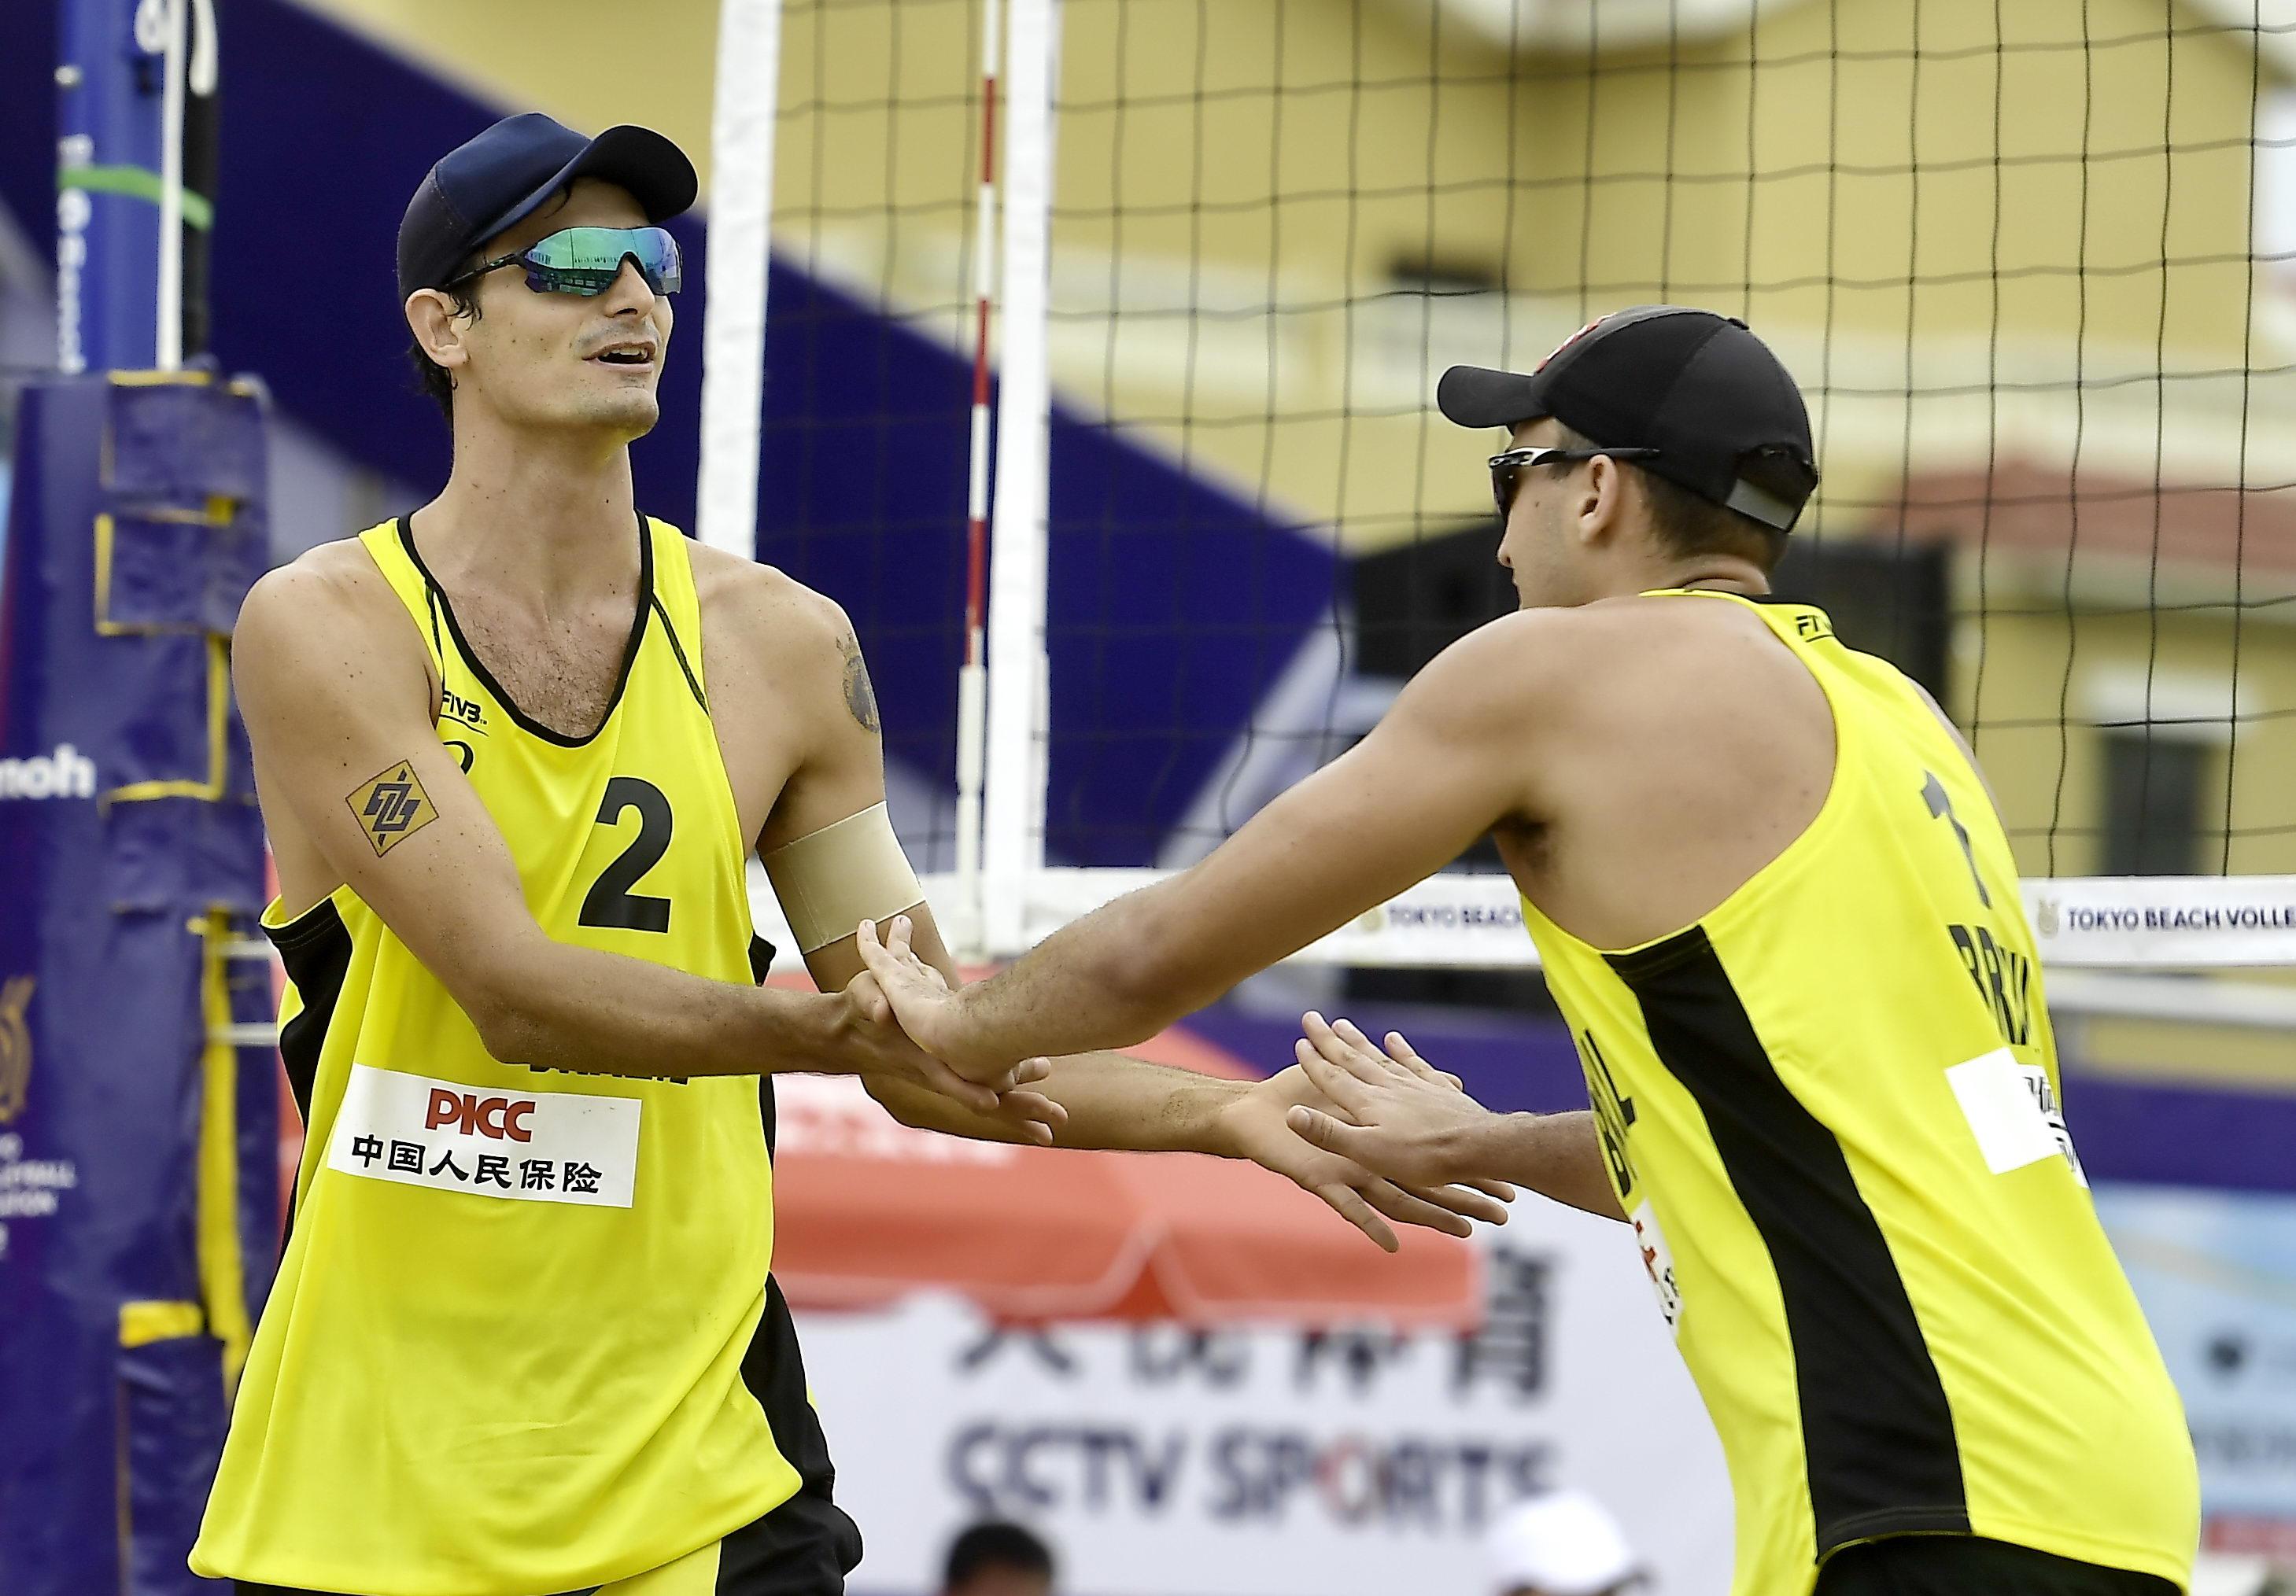 André e George seguem na busca por uma vaga para o Brasil